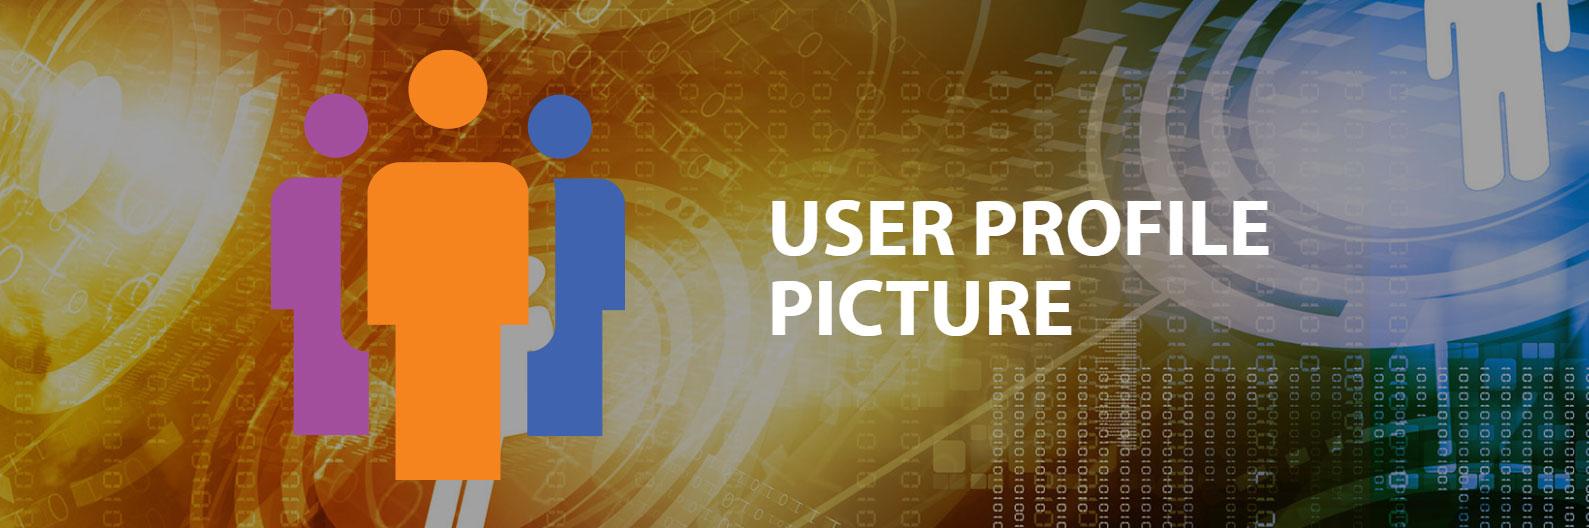 User Profile Picture plugin banner